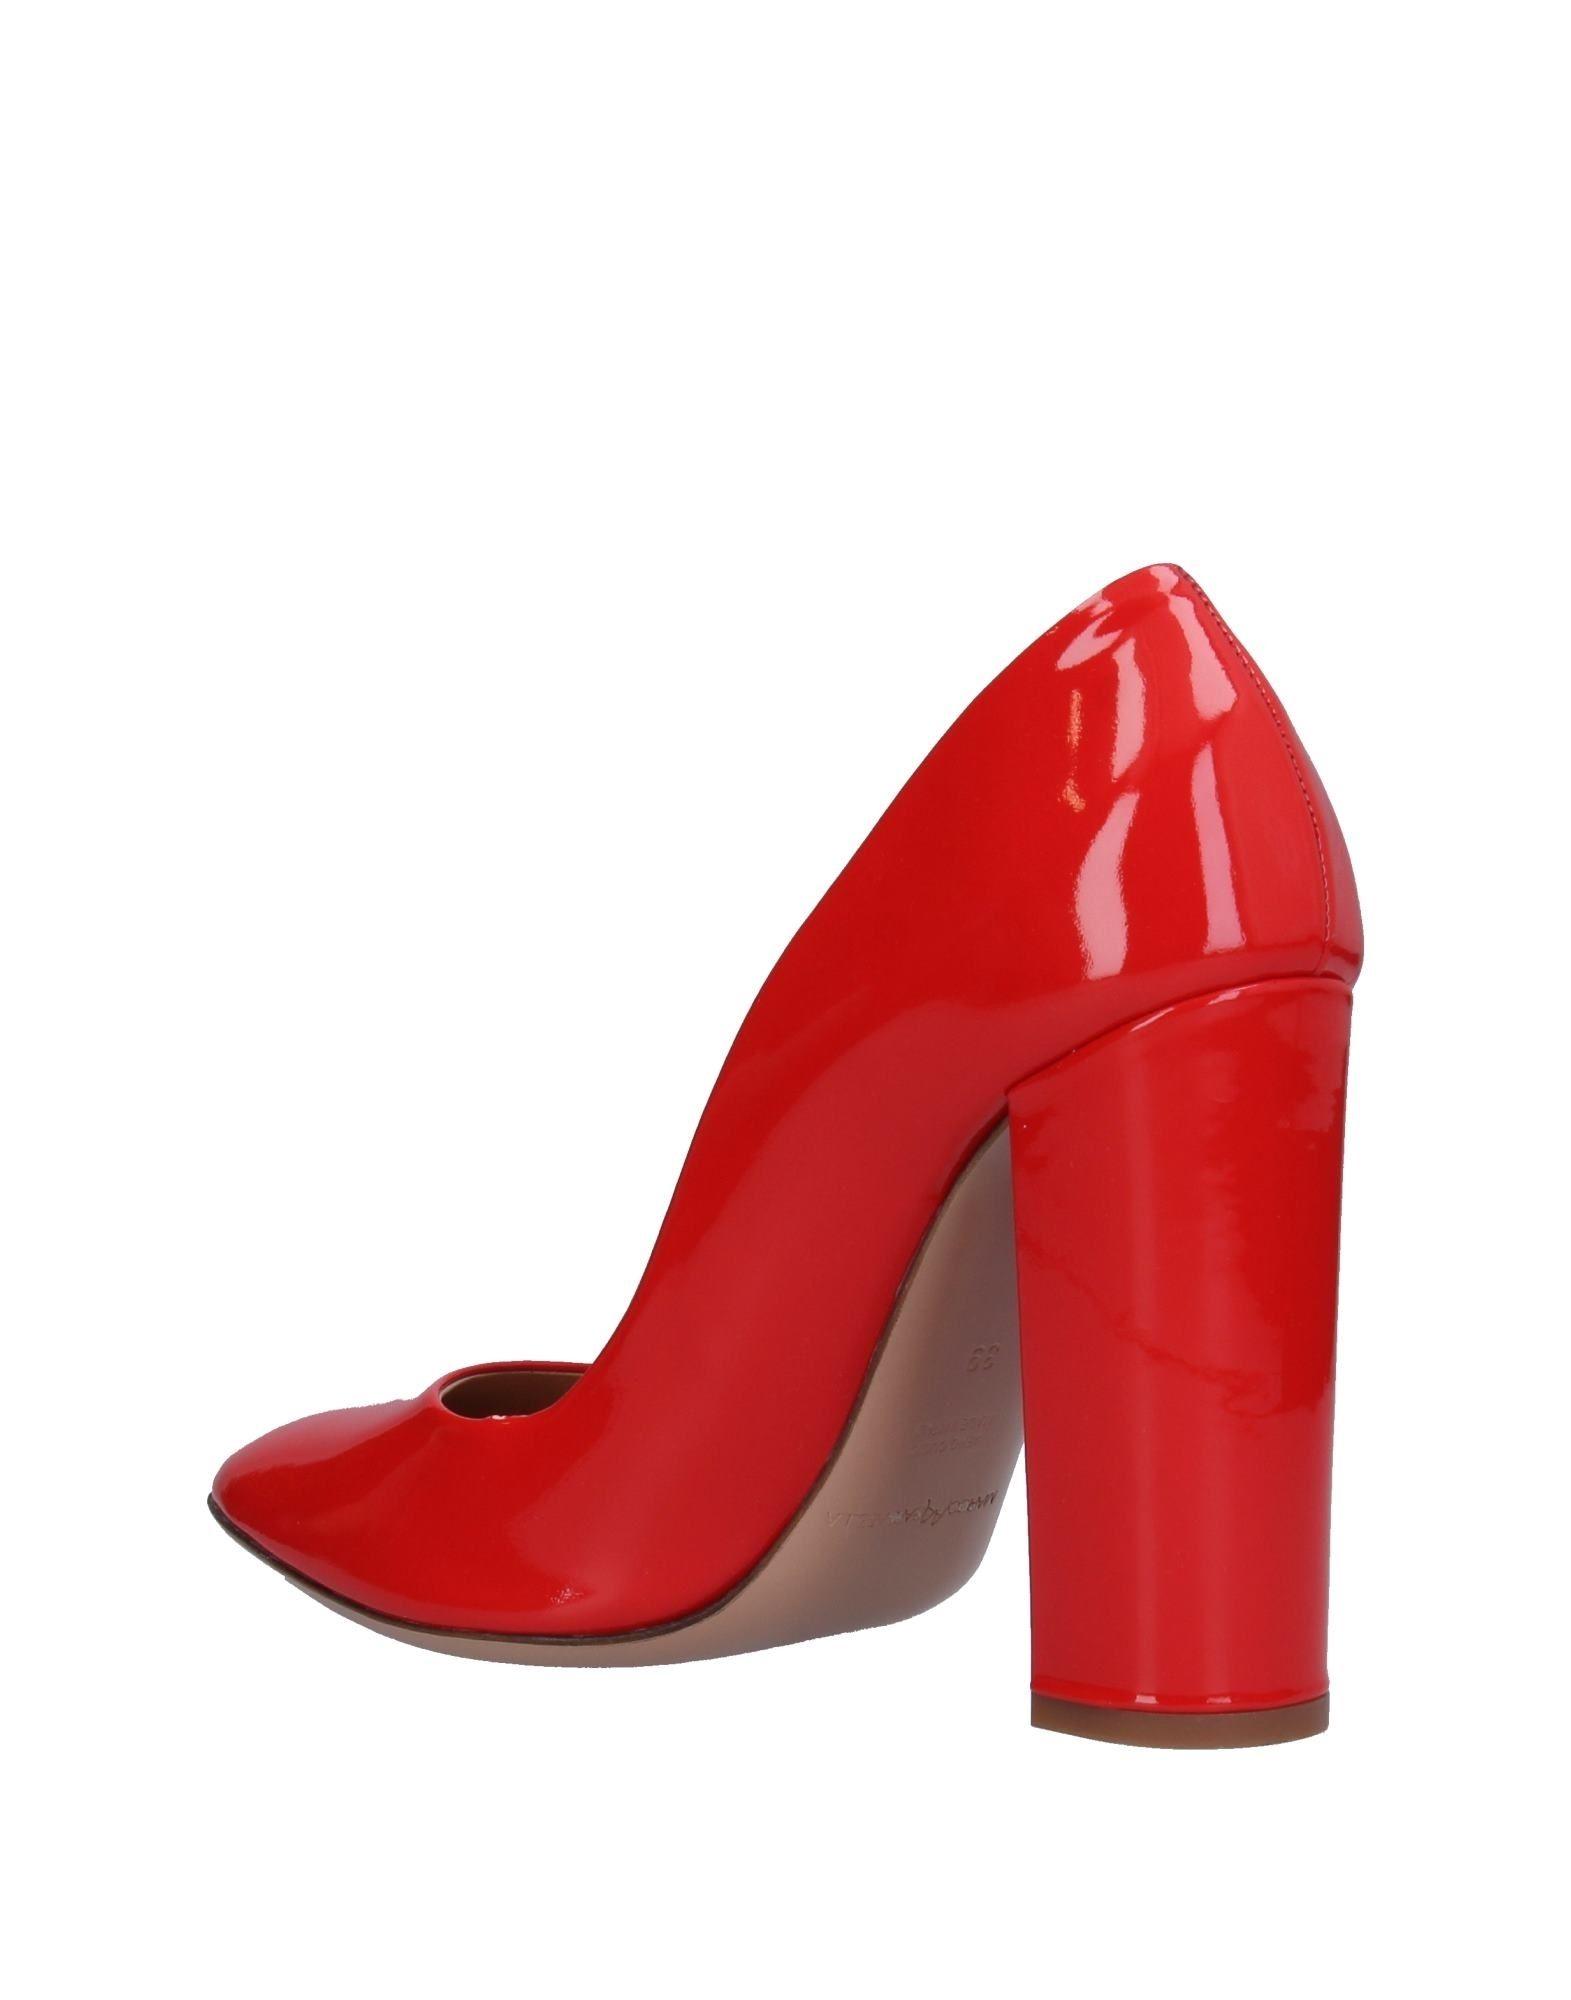 Marco Barbabella Pumps Damen  11342239EB Gute Qualität beliebte Schuhe